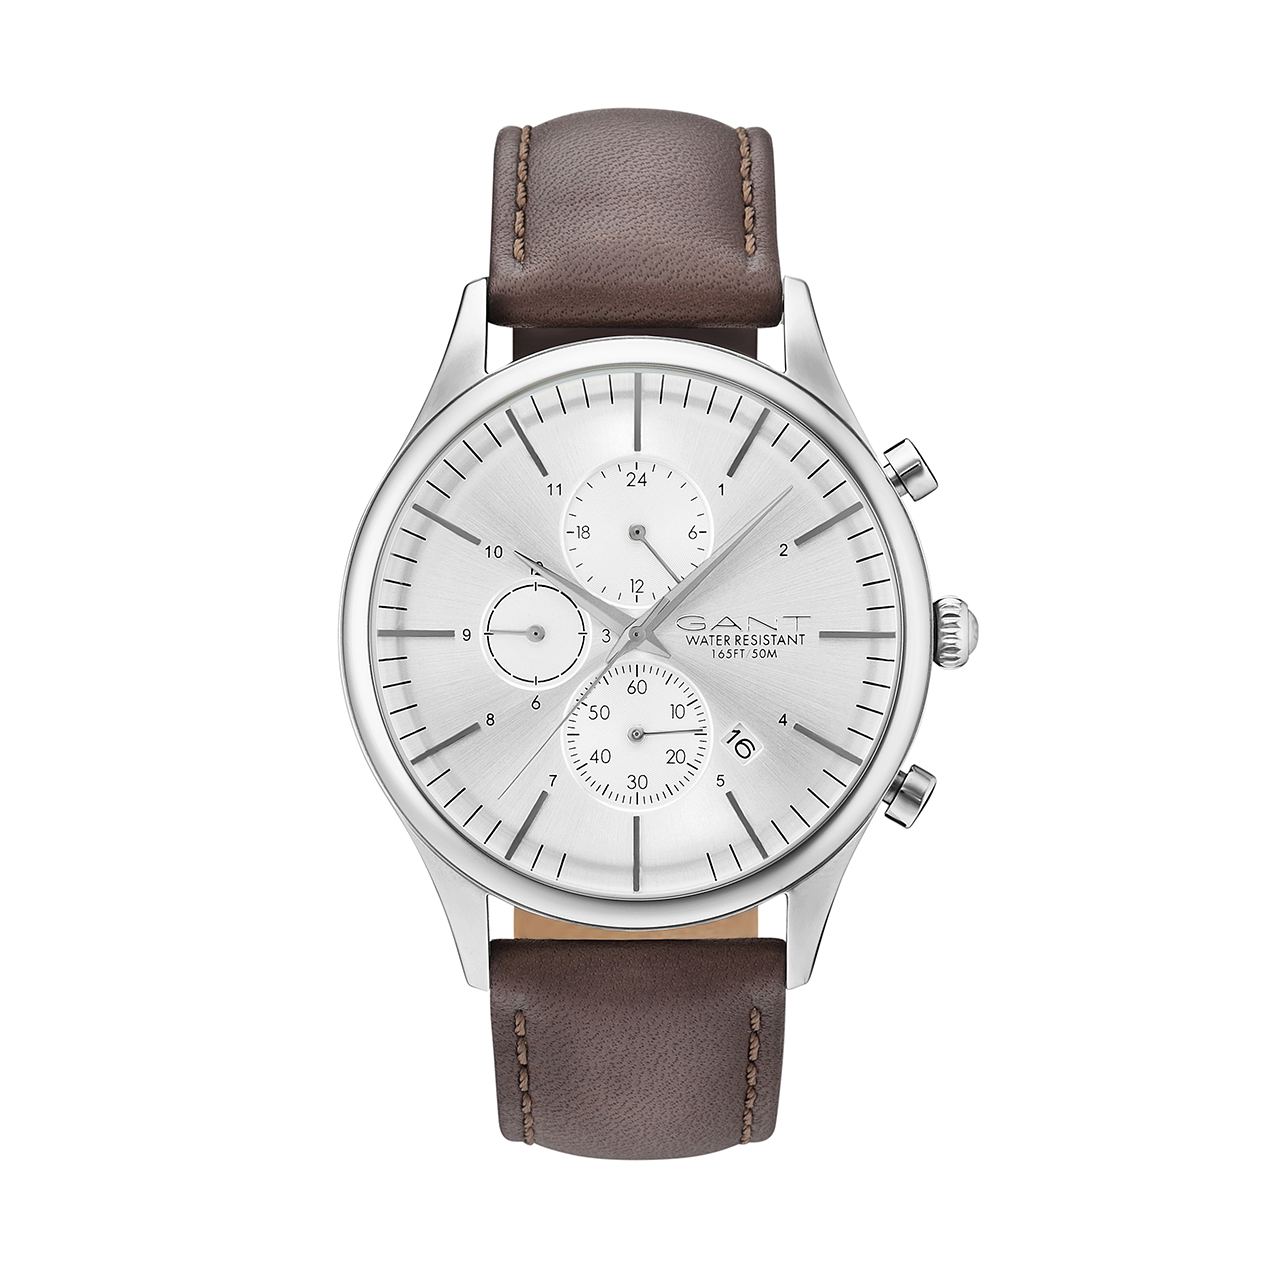 ساعت مچی عقربه ای مردانه گنت مدل GW030005